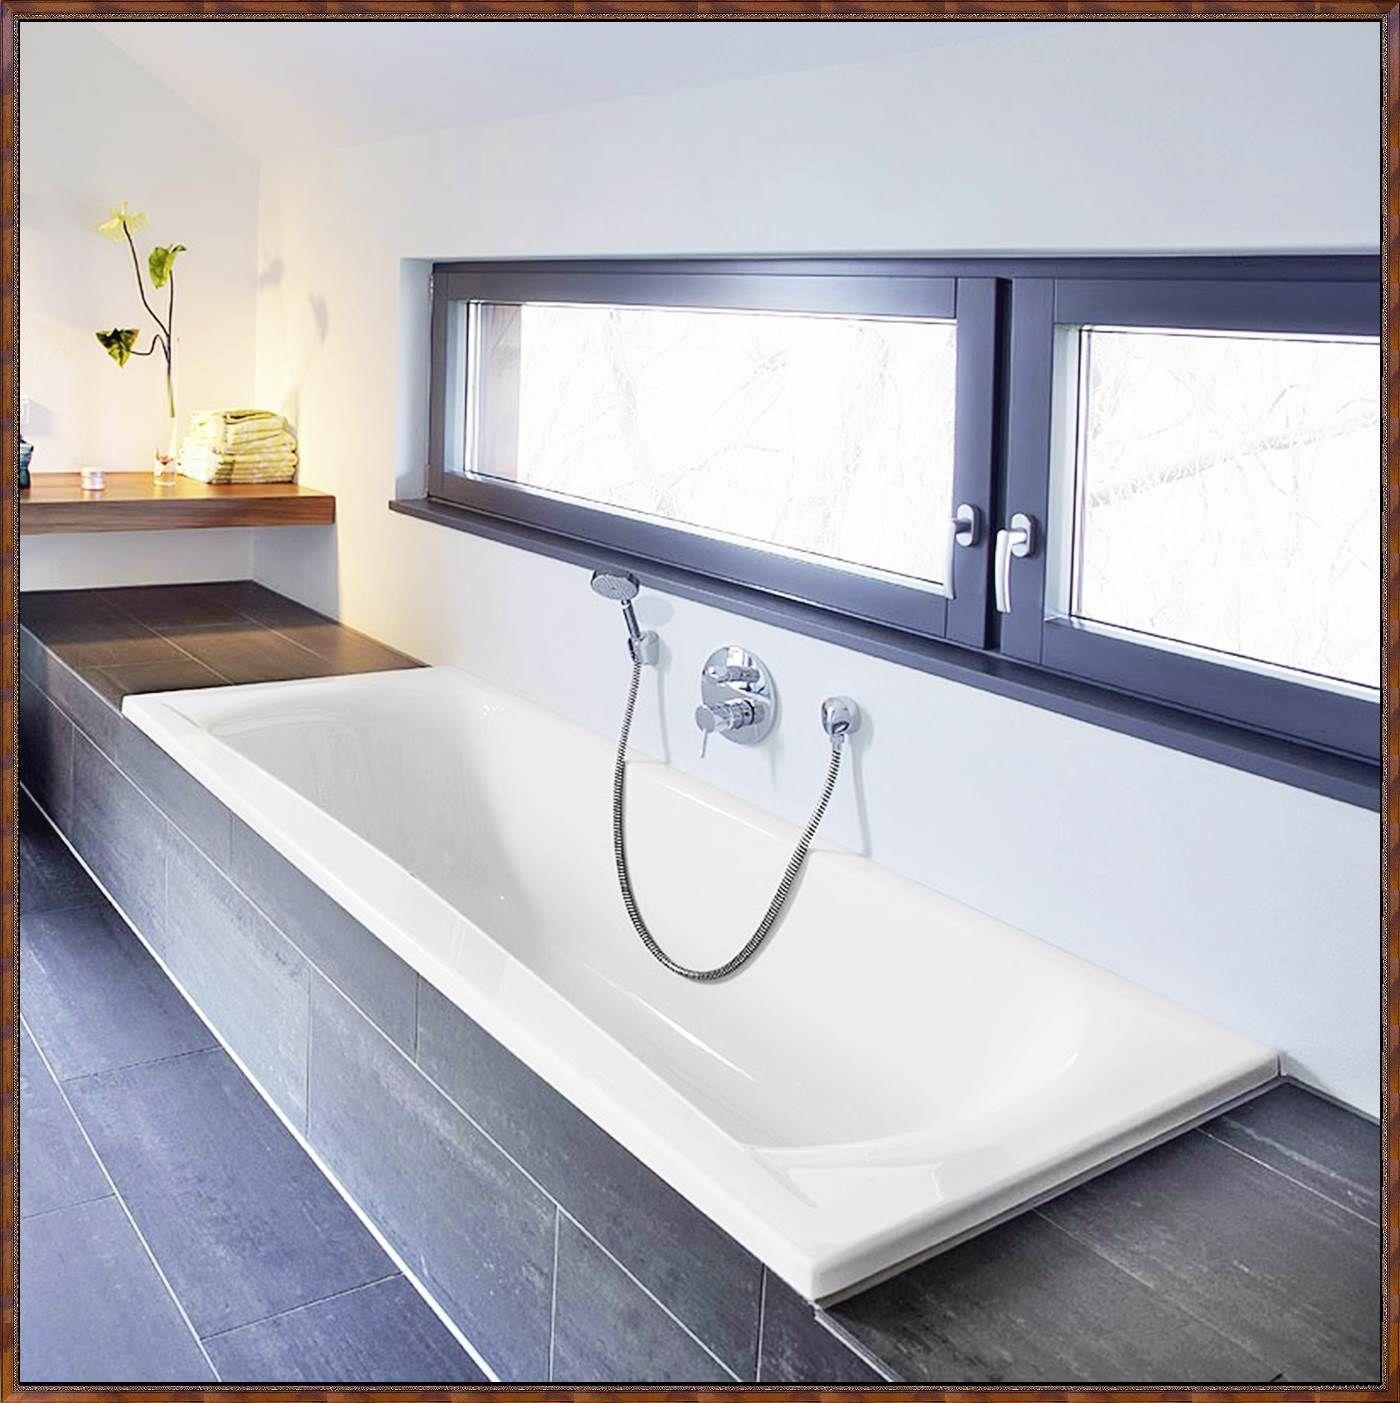 Freenom World Badewanne Dusche Badezimmerideen